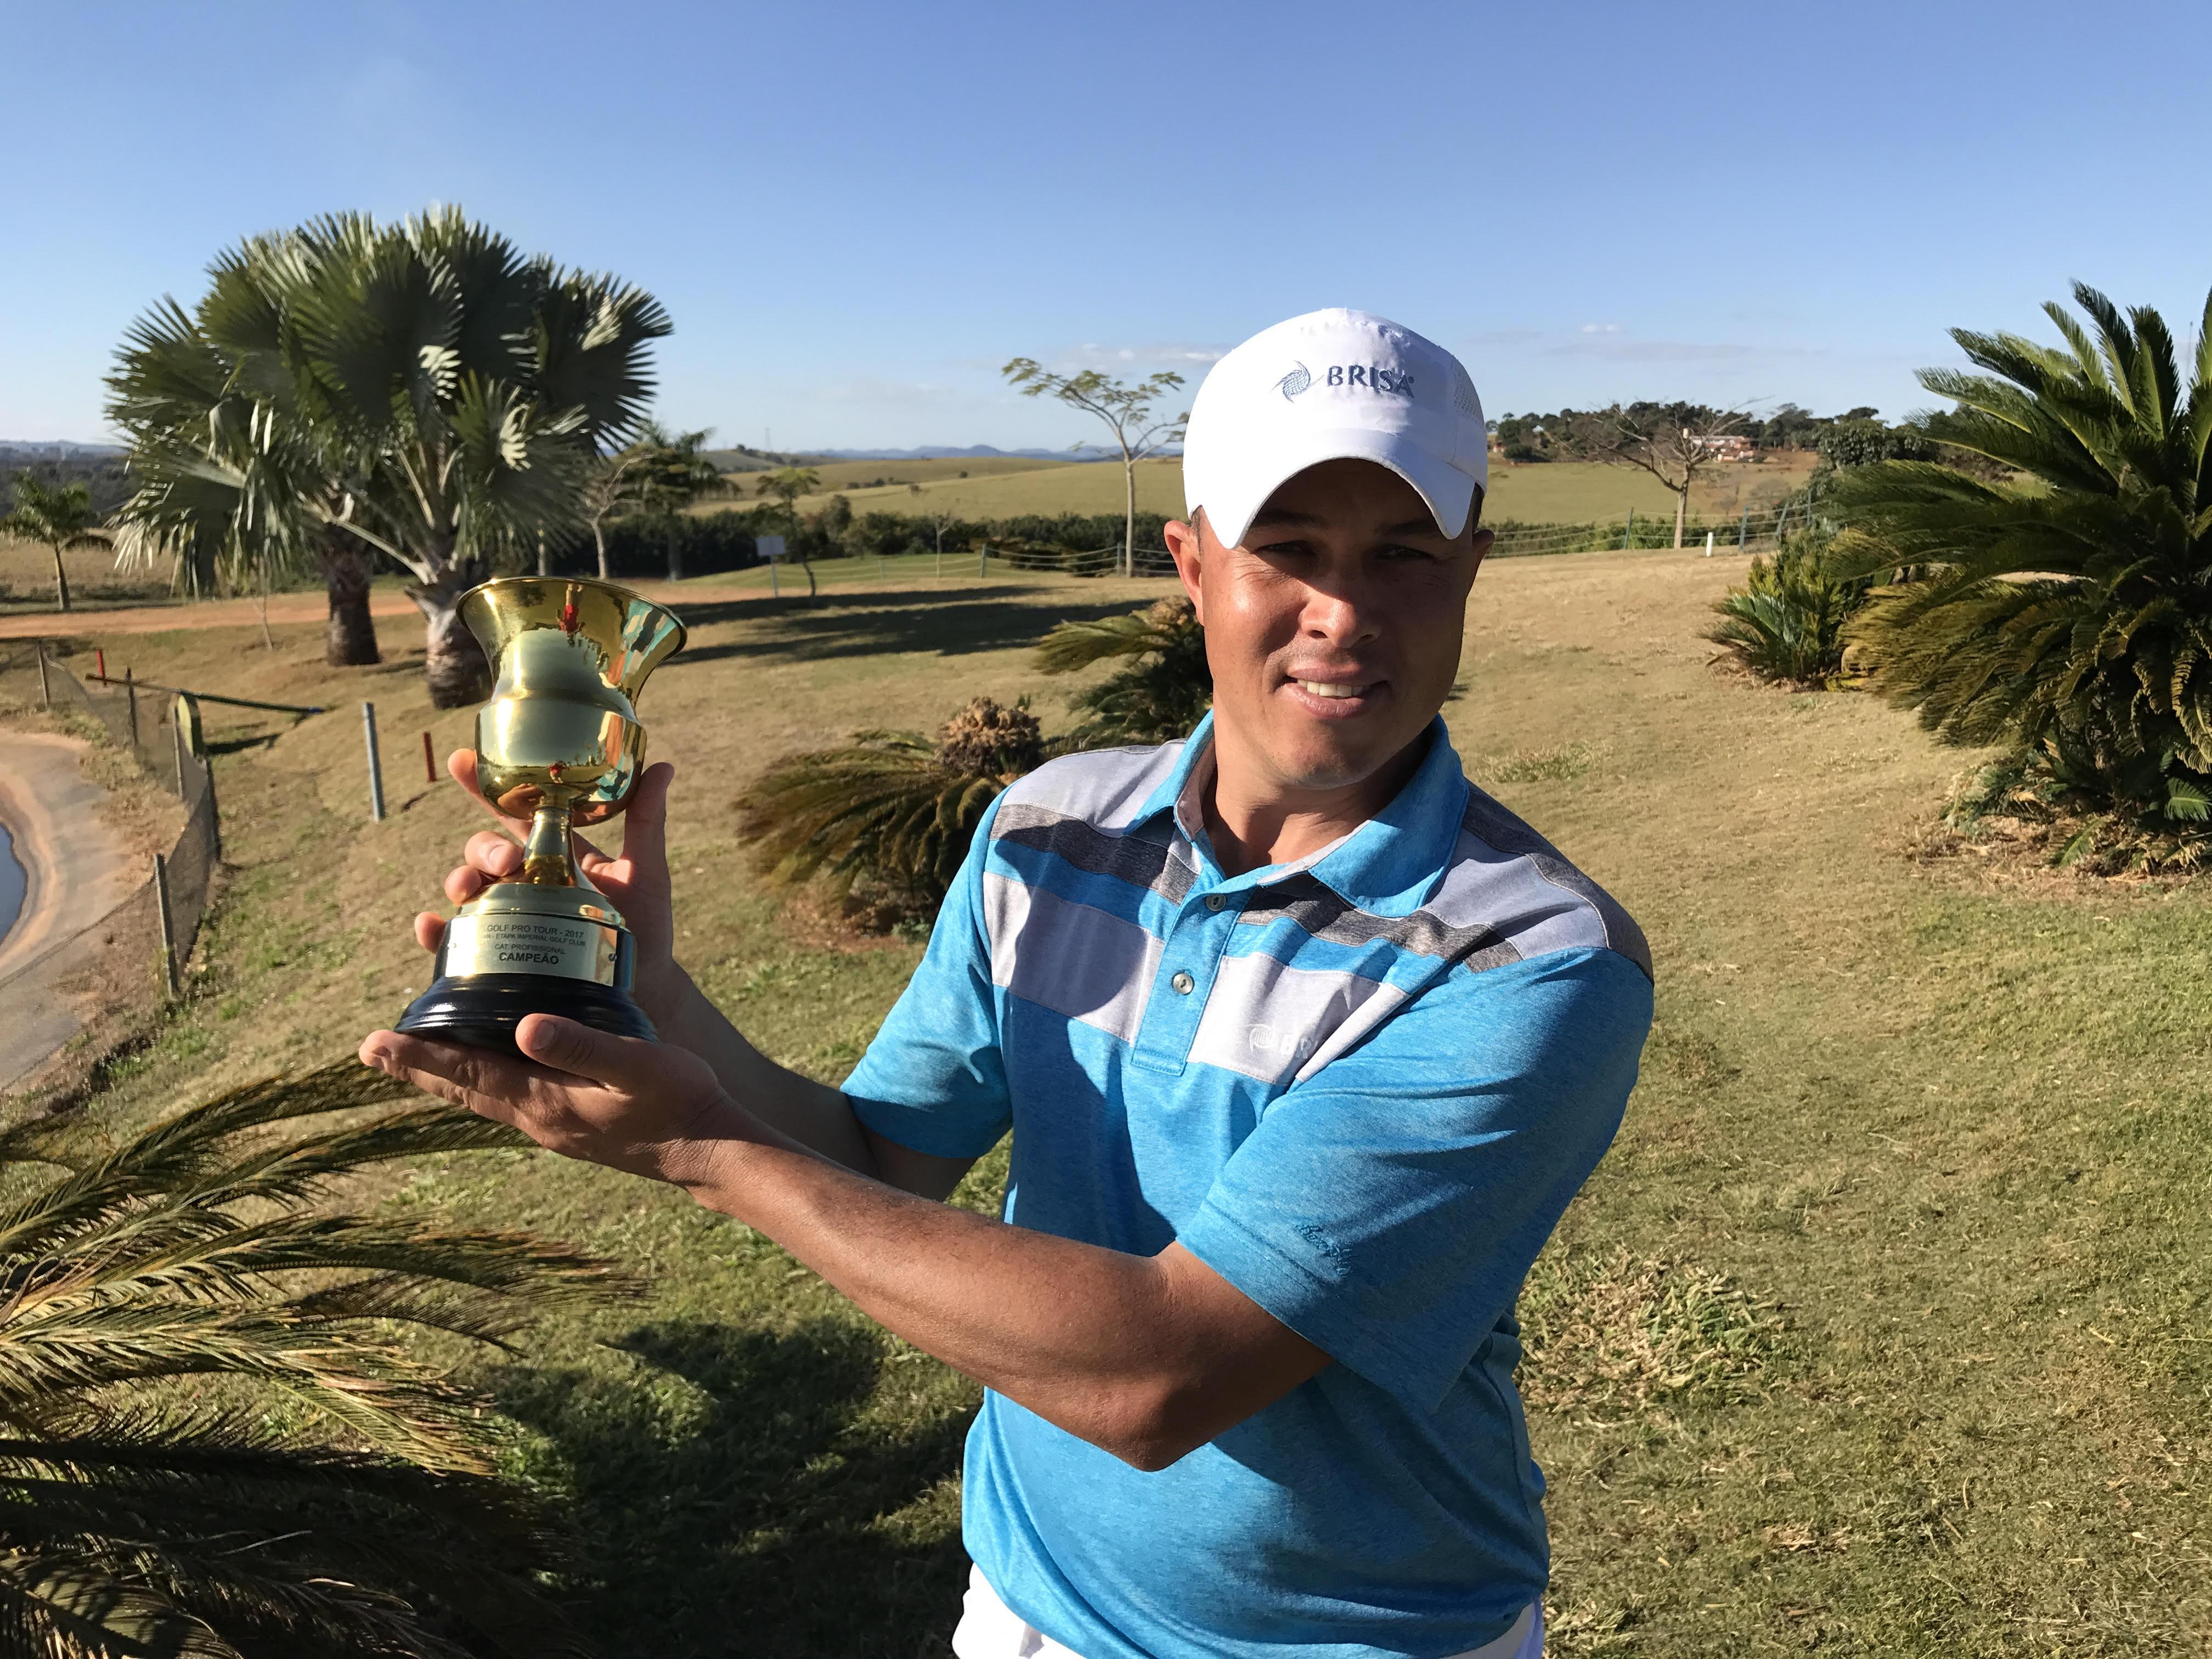 Robison Gomes foi o campeão da VII Etapa do Golf Pro Tour no Imperial Golf Club